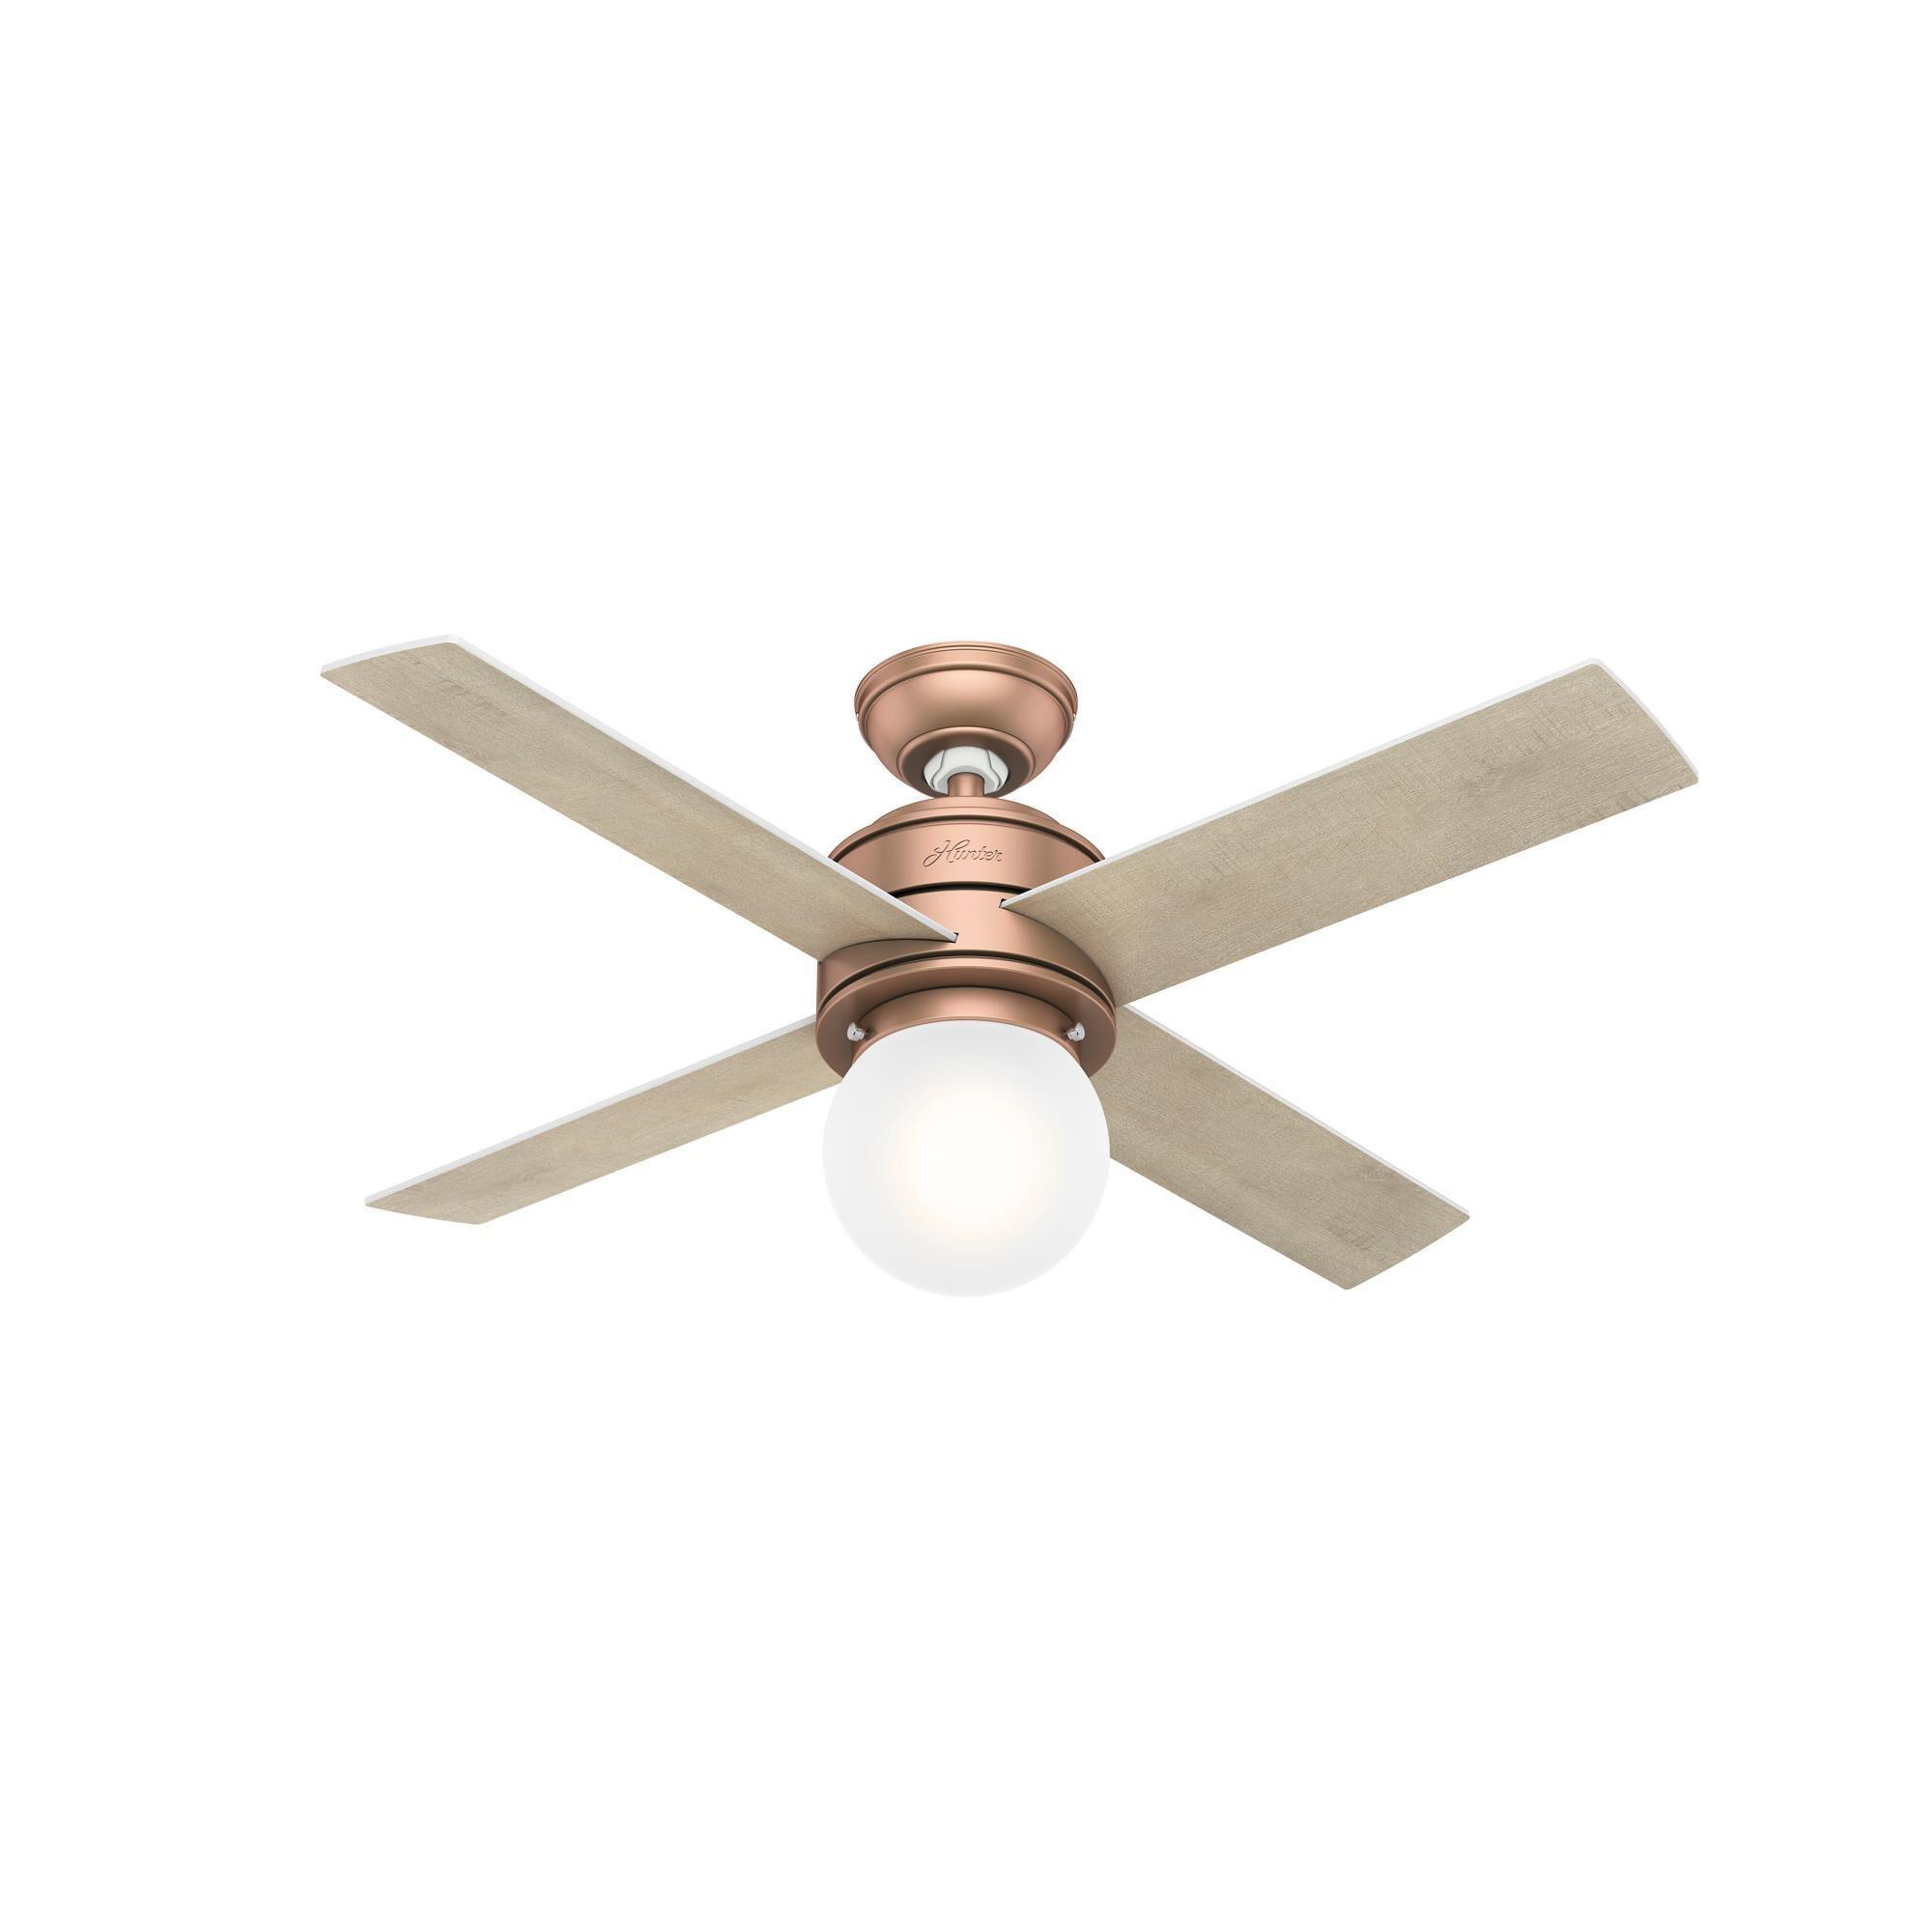 Hepburn 44 Inch Ceiling Fan With Light Kit Capitol Lighting Ceiling Fan With Light Ceiling Fan Led Ceiling Fan